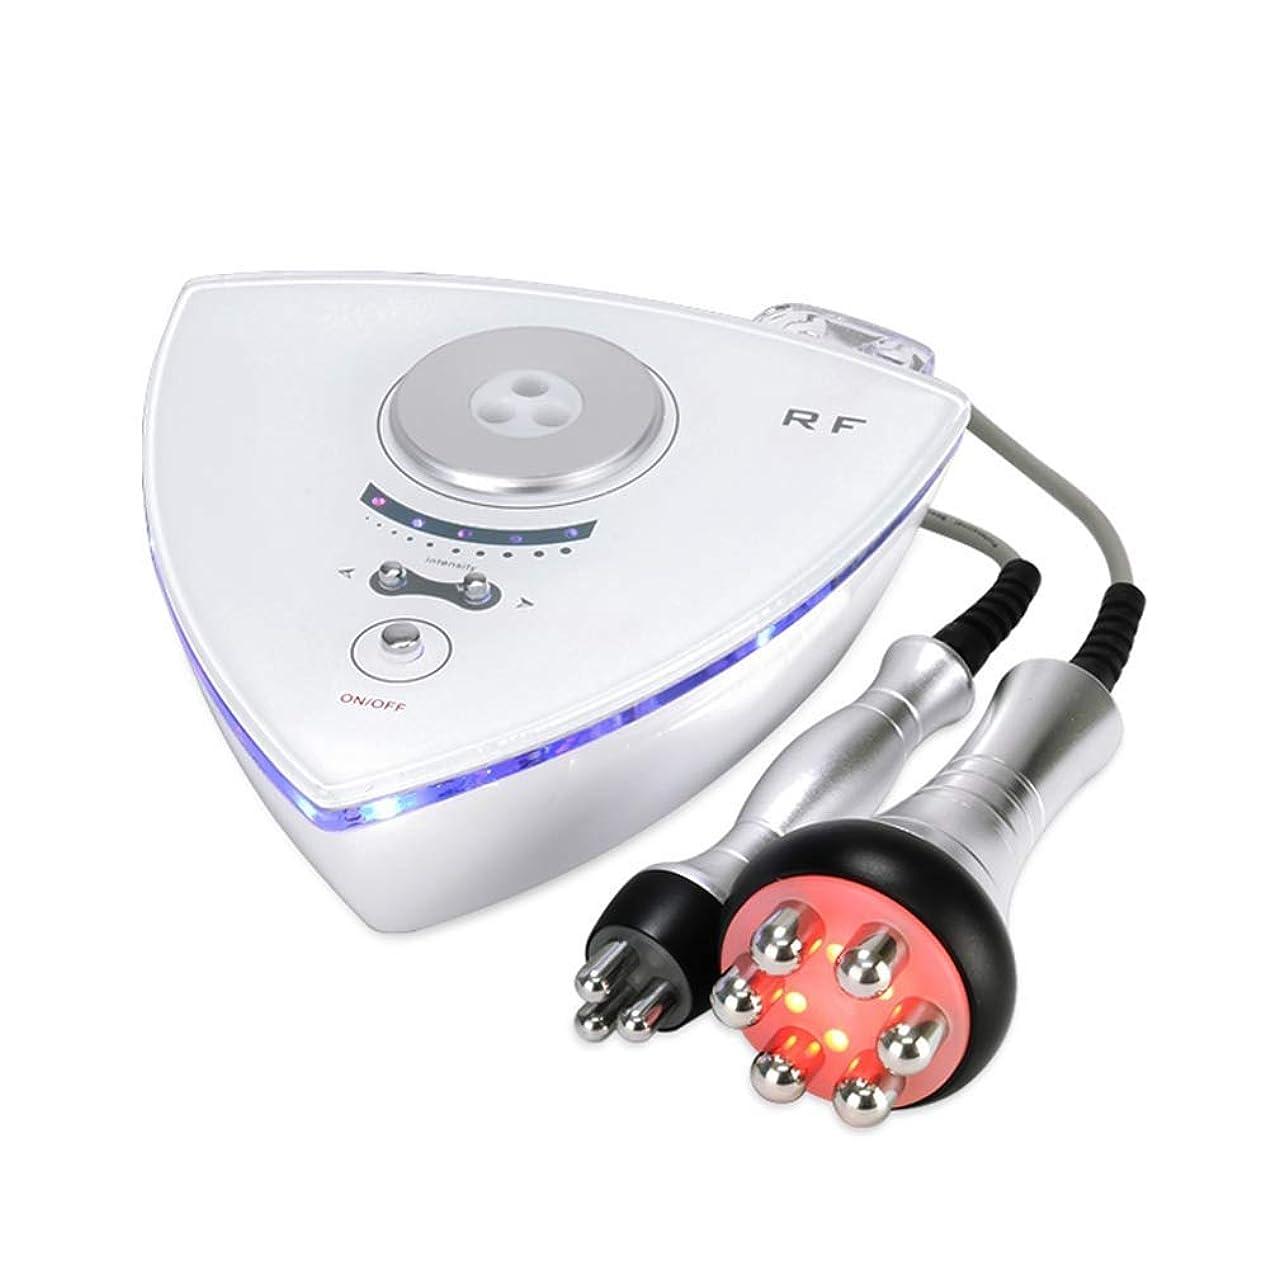 の前でスペクトラムロマンスフェイスリフティングアンチリンクルマシン、ボディ痩身ボディ、RFラジオ周波数フェイシャルマシンスキンケアフェイスリフトフェイシャル美容マシン用肌の若返り除去シワホーム使用 (Edition : EUR PLUG)